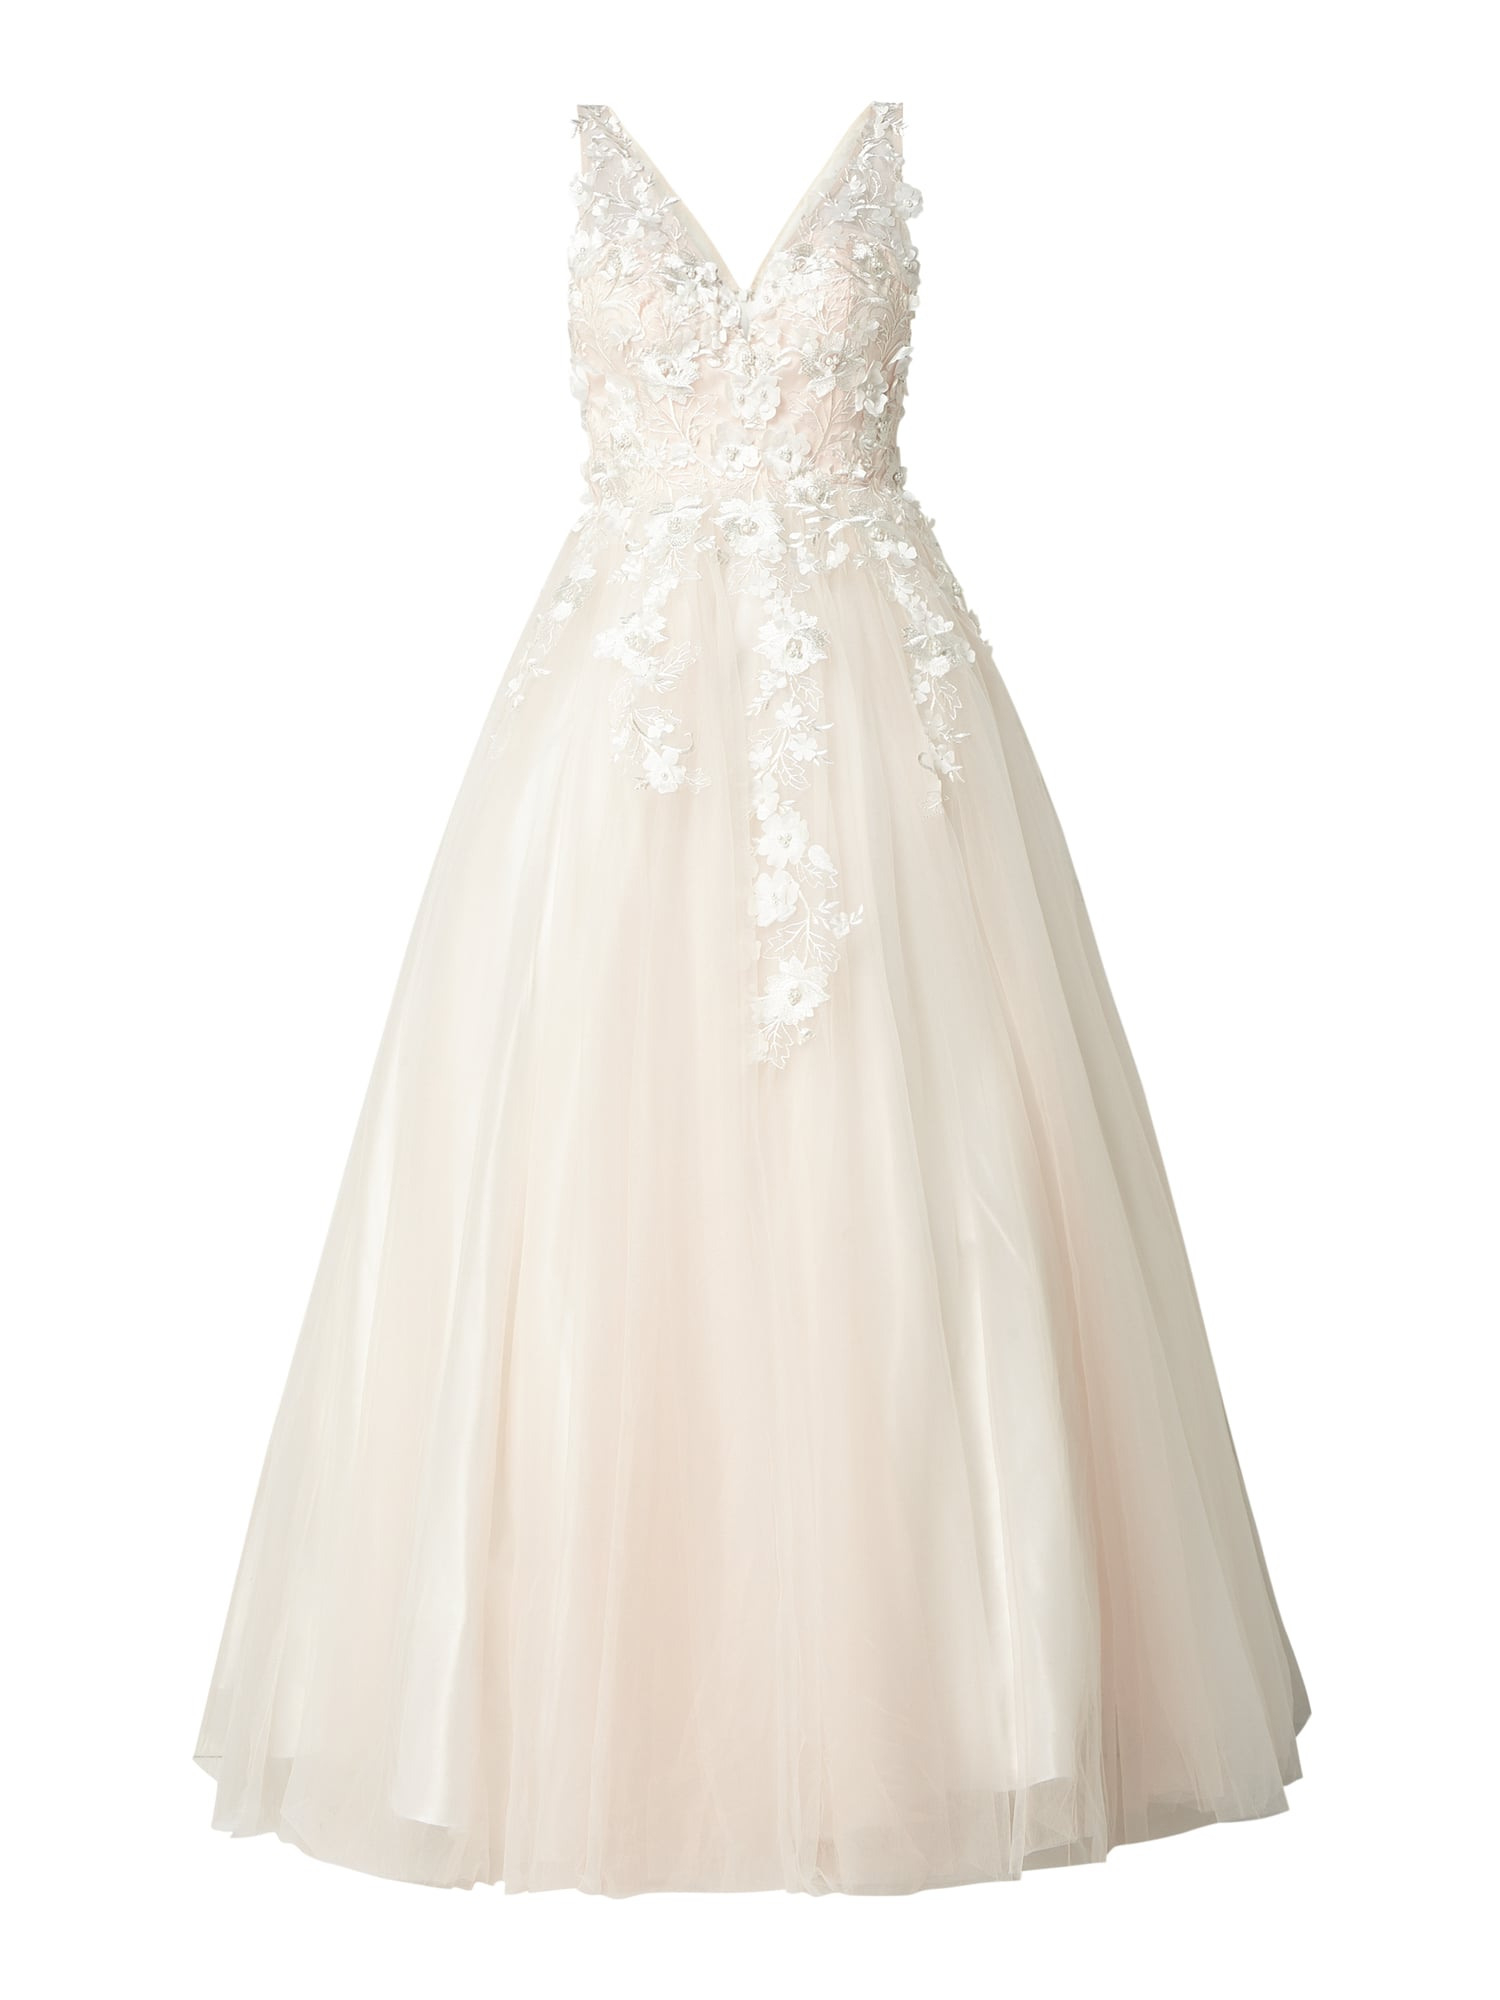 Luxuar Brautkleid Mit Floralen Stickereien In Weiß Online Kaufen (1020464)  ▷ P&c Online Shop